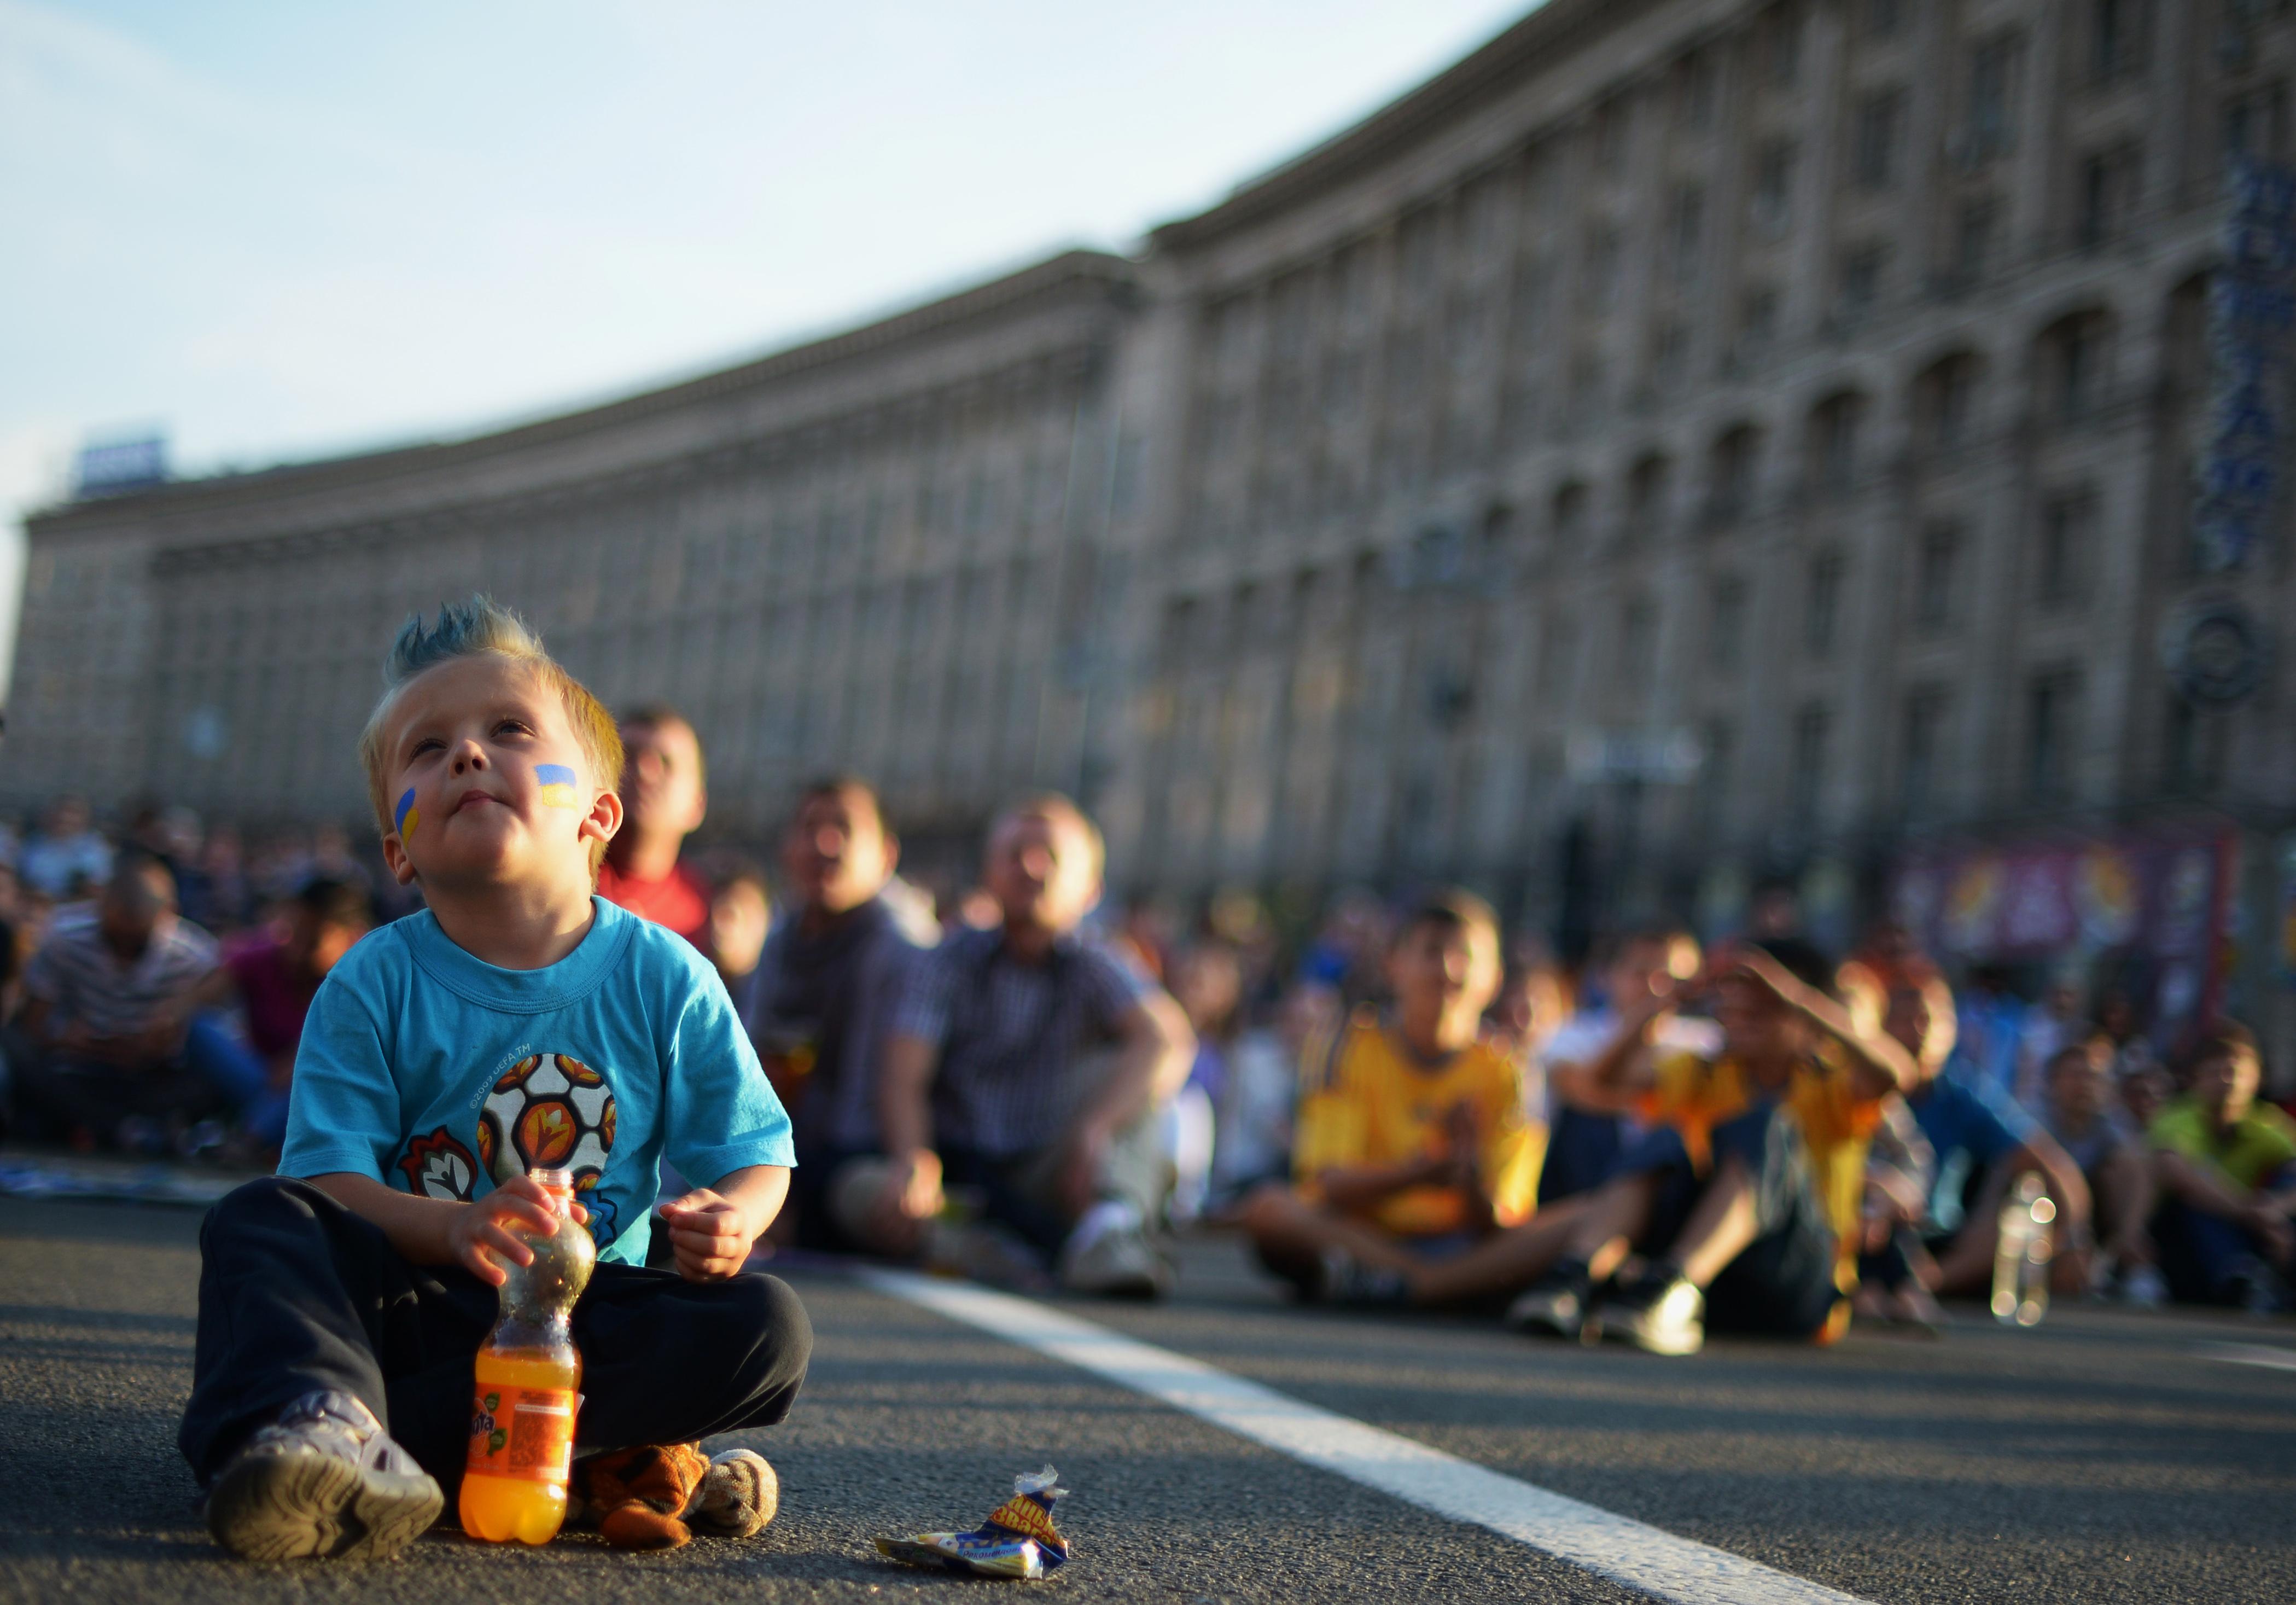 Украинский ребенок смотрит матч Польши против Греции на гигантском экране в фан-зоне в центре Киева 8 июня 2012 года. Фото: JONATHAN NACKSTRAND/AFP/GettyImages